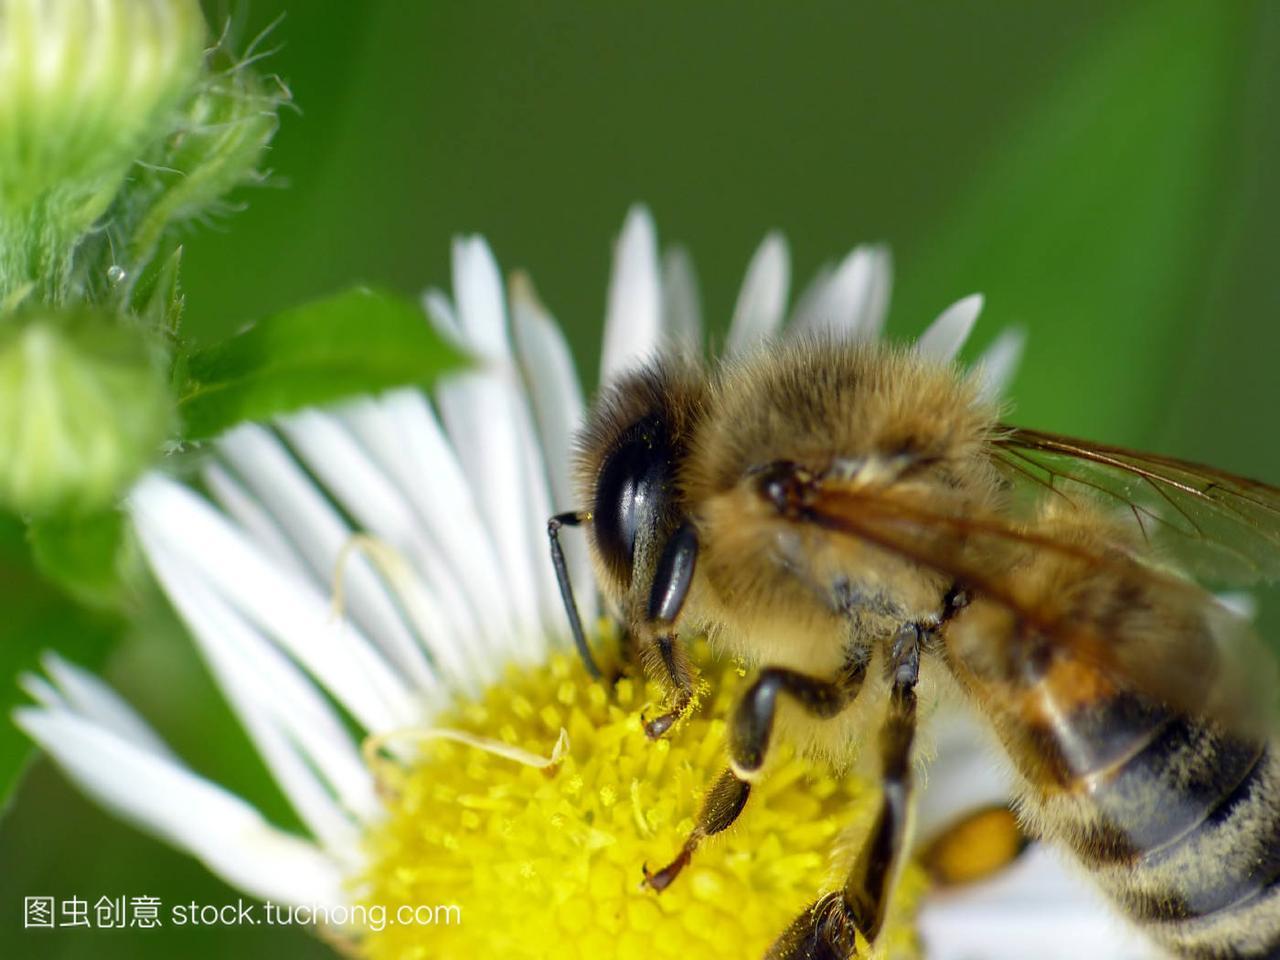 开花,Bloom,安装,blossom,茂盛,flourish,flourish索纳塔蜗牛喇叭盛开图片